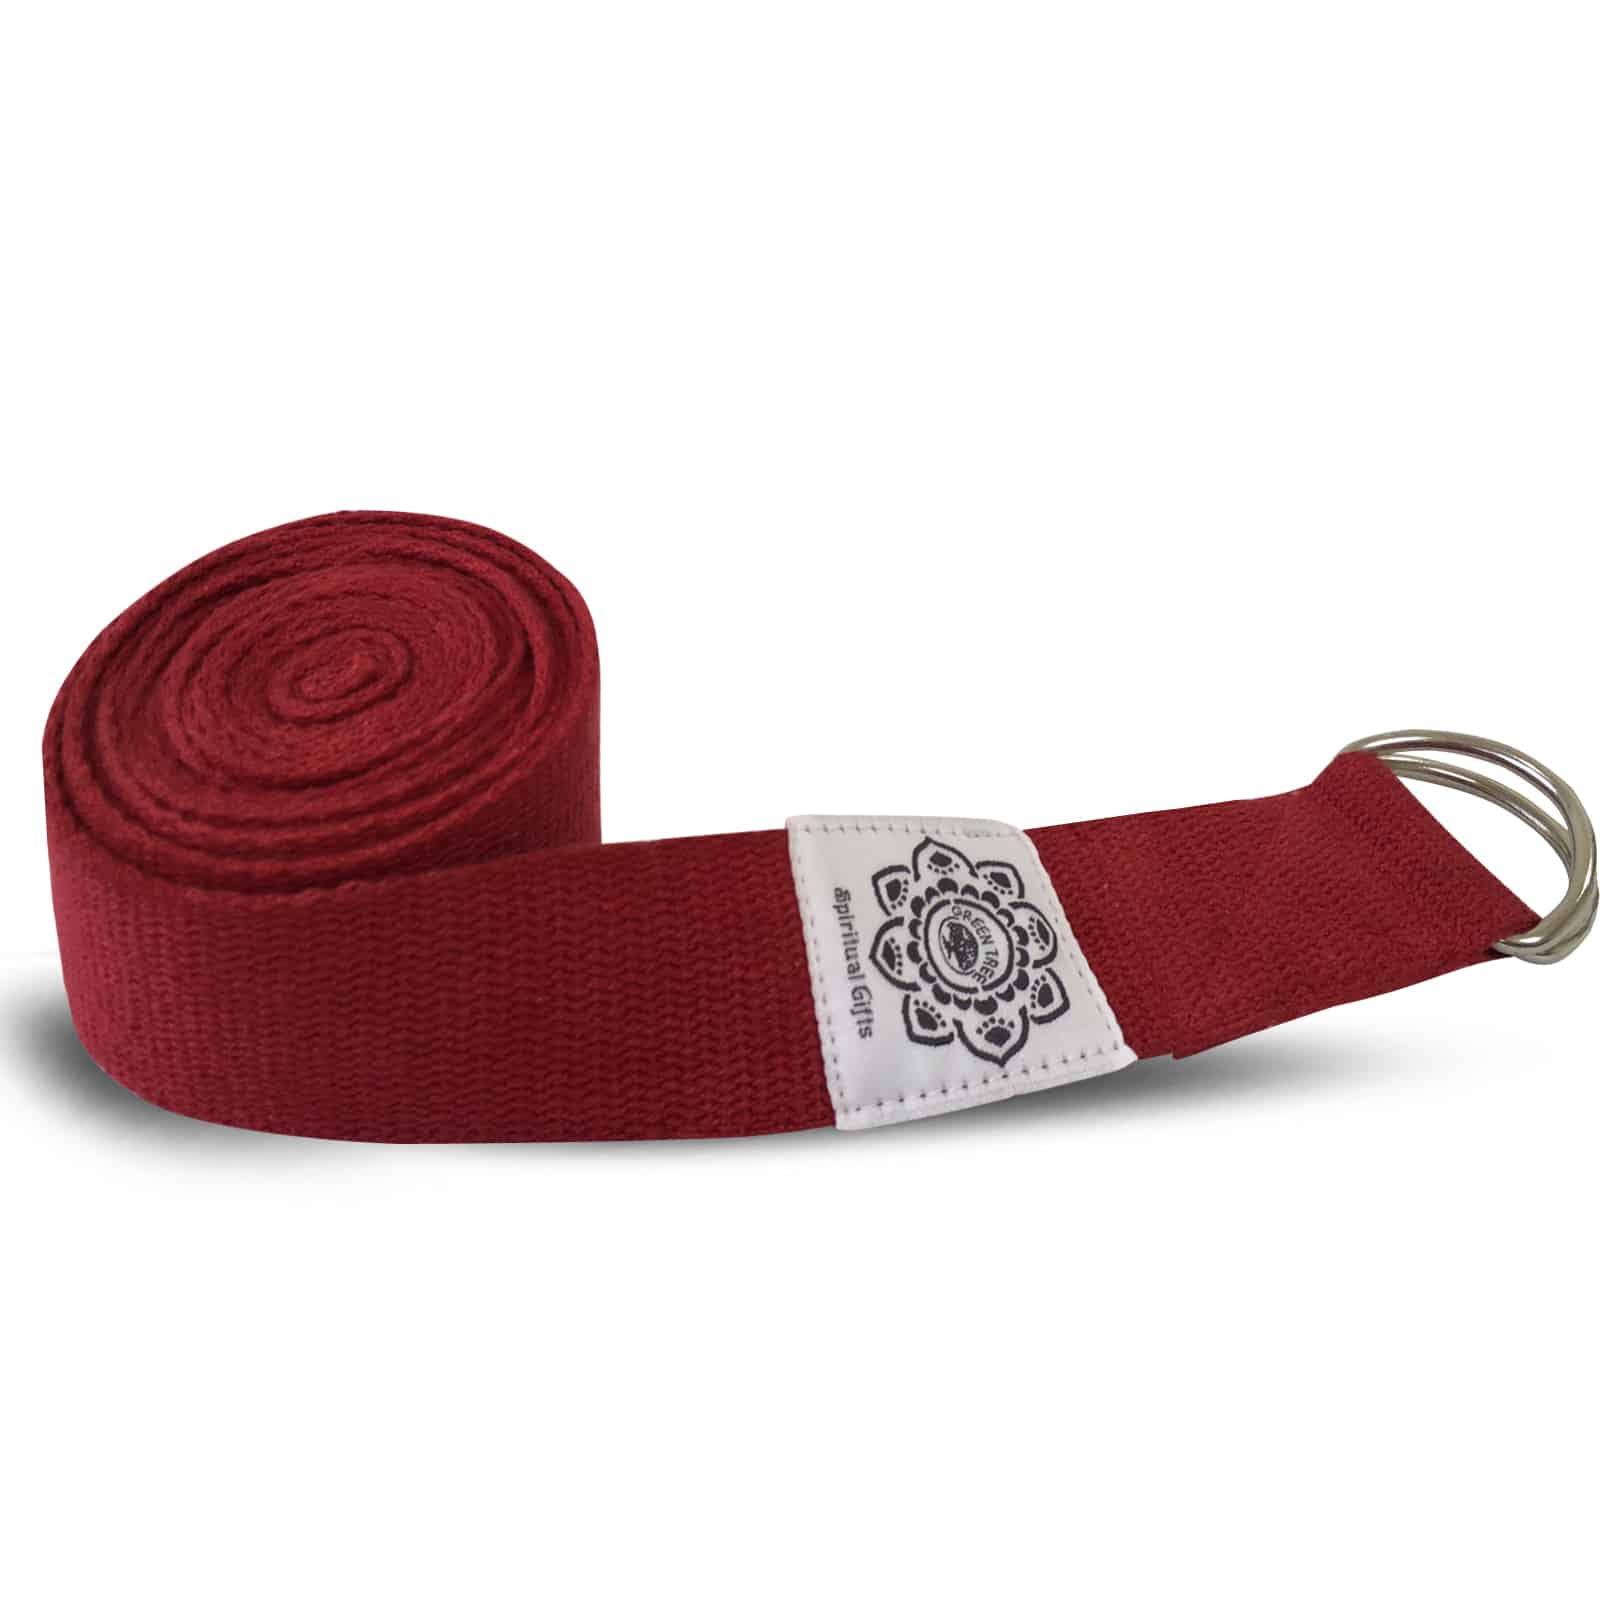 Spiru Katoenen Yoga Riem Rood met D-Ring - 270 cm